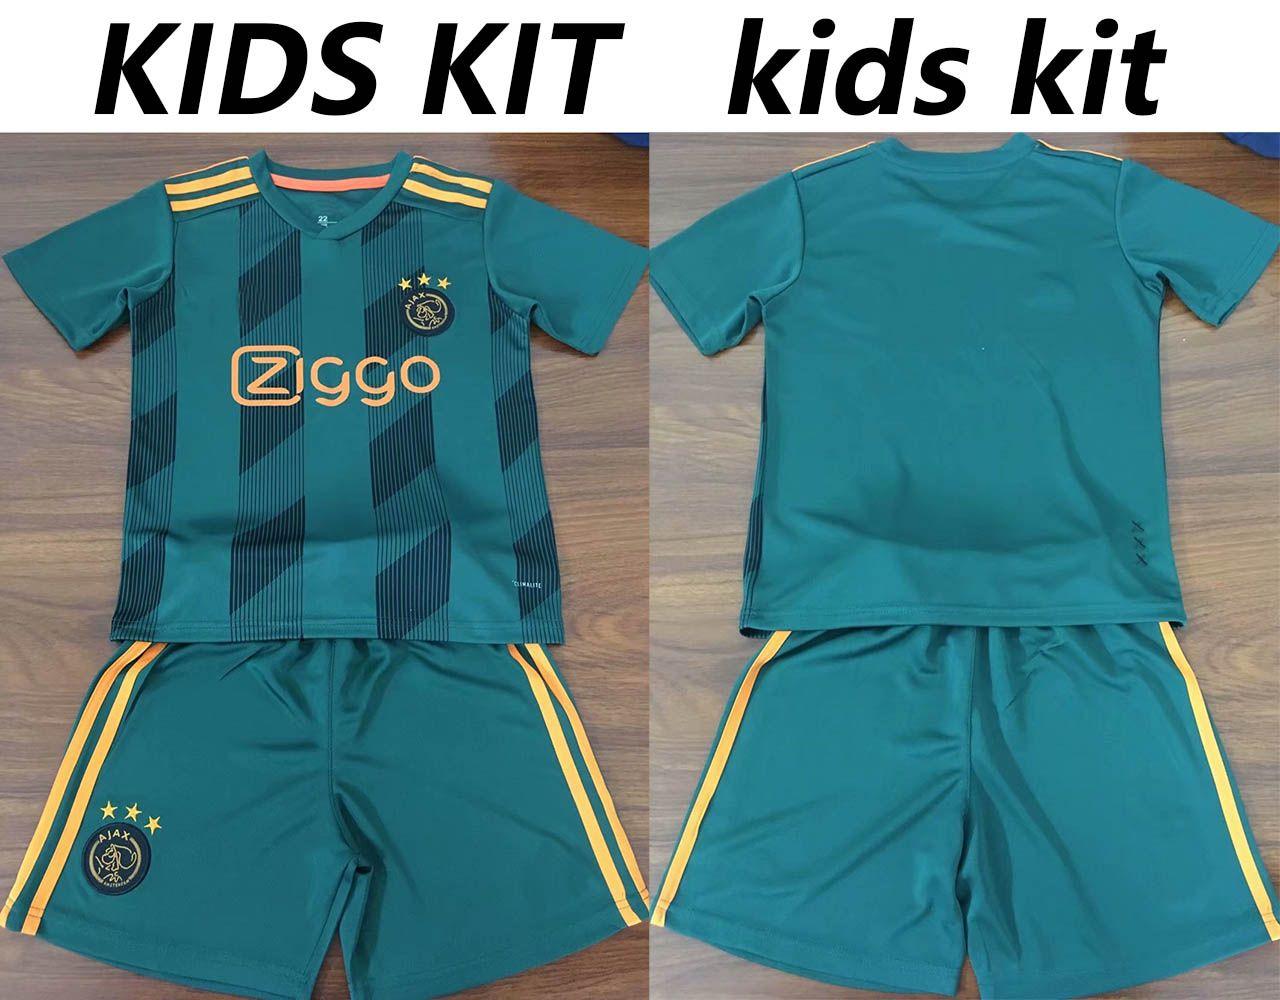 b9e821a2a 2019 2019 2020 TOP Ajax DE JONG TADIC Home Away Kids Kit Uitshirt  Thuisshirt Kit Soccer Jerseys NERES ZIYECH Boy Football Shirt DE LIGT From  Popsports, ...